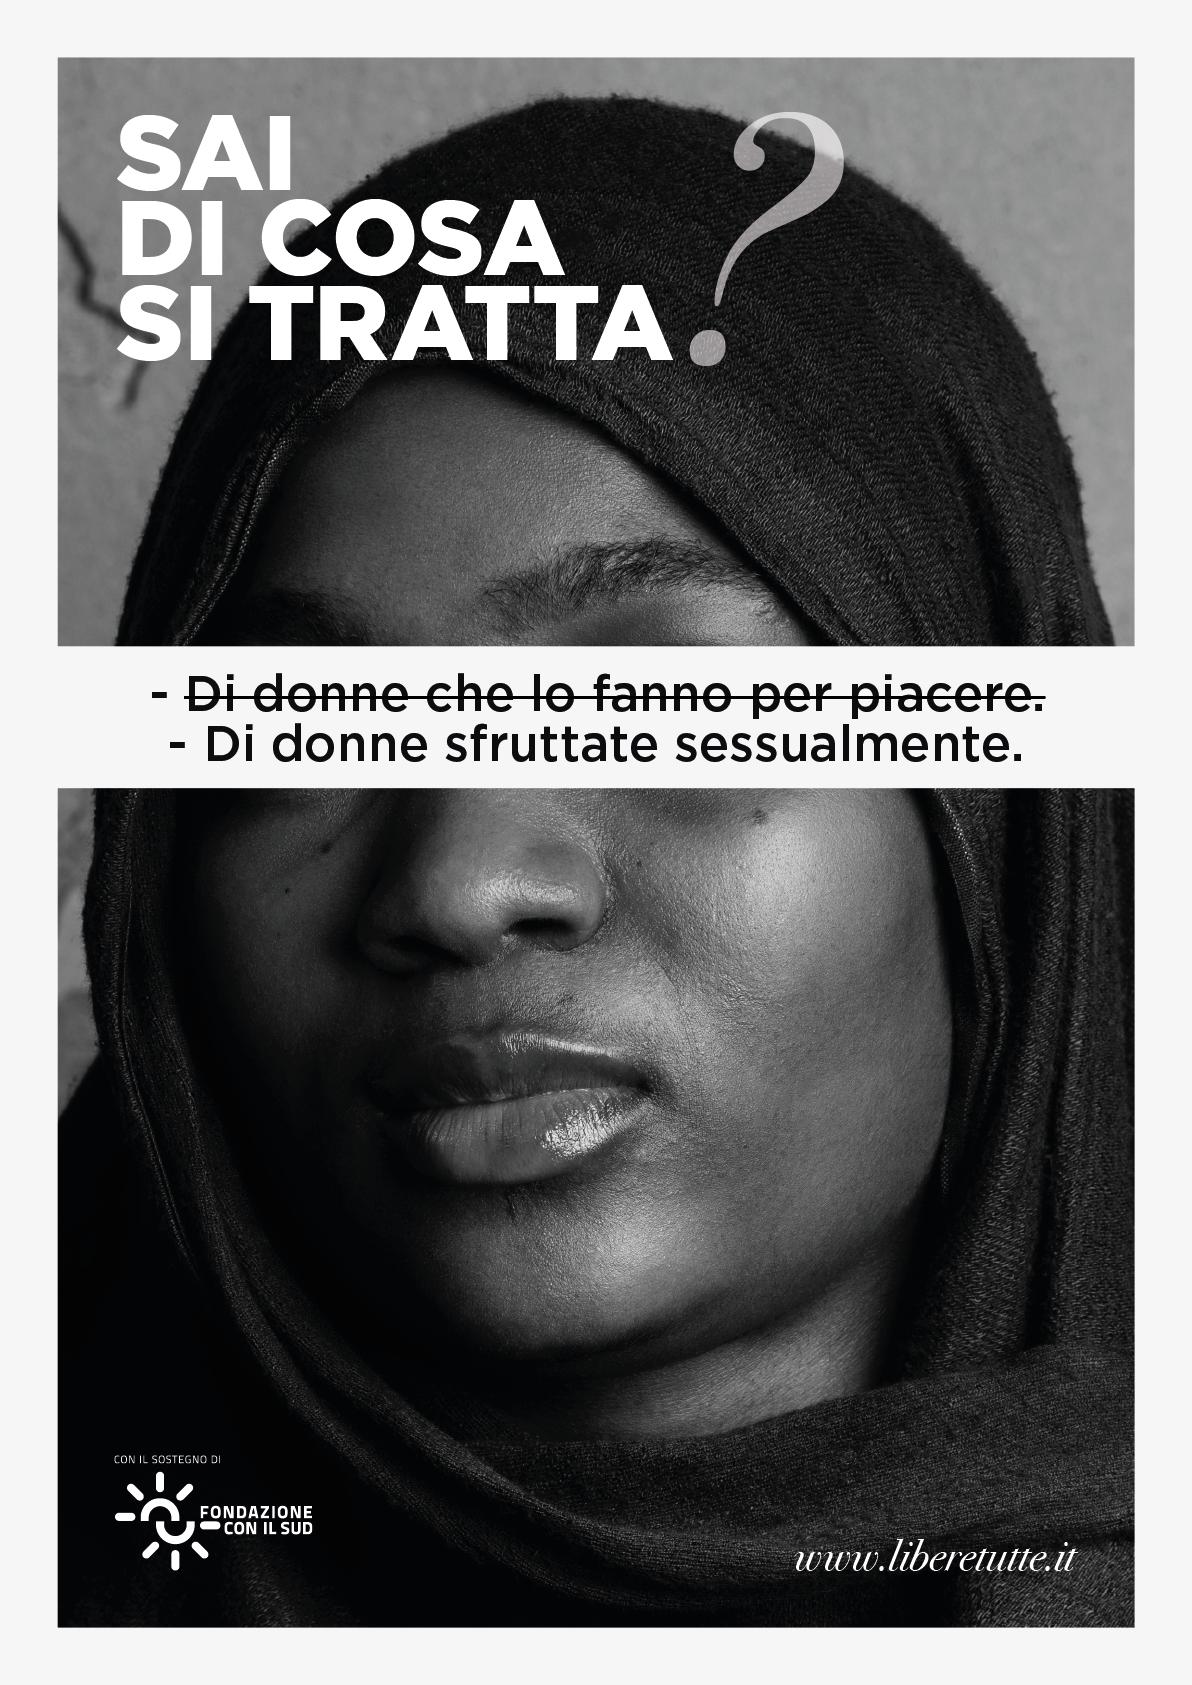 """""""Sai di cosa si tratta?"""" La campagna di comunicazione sulle vittime di tratta"""